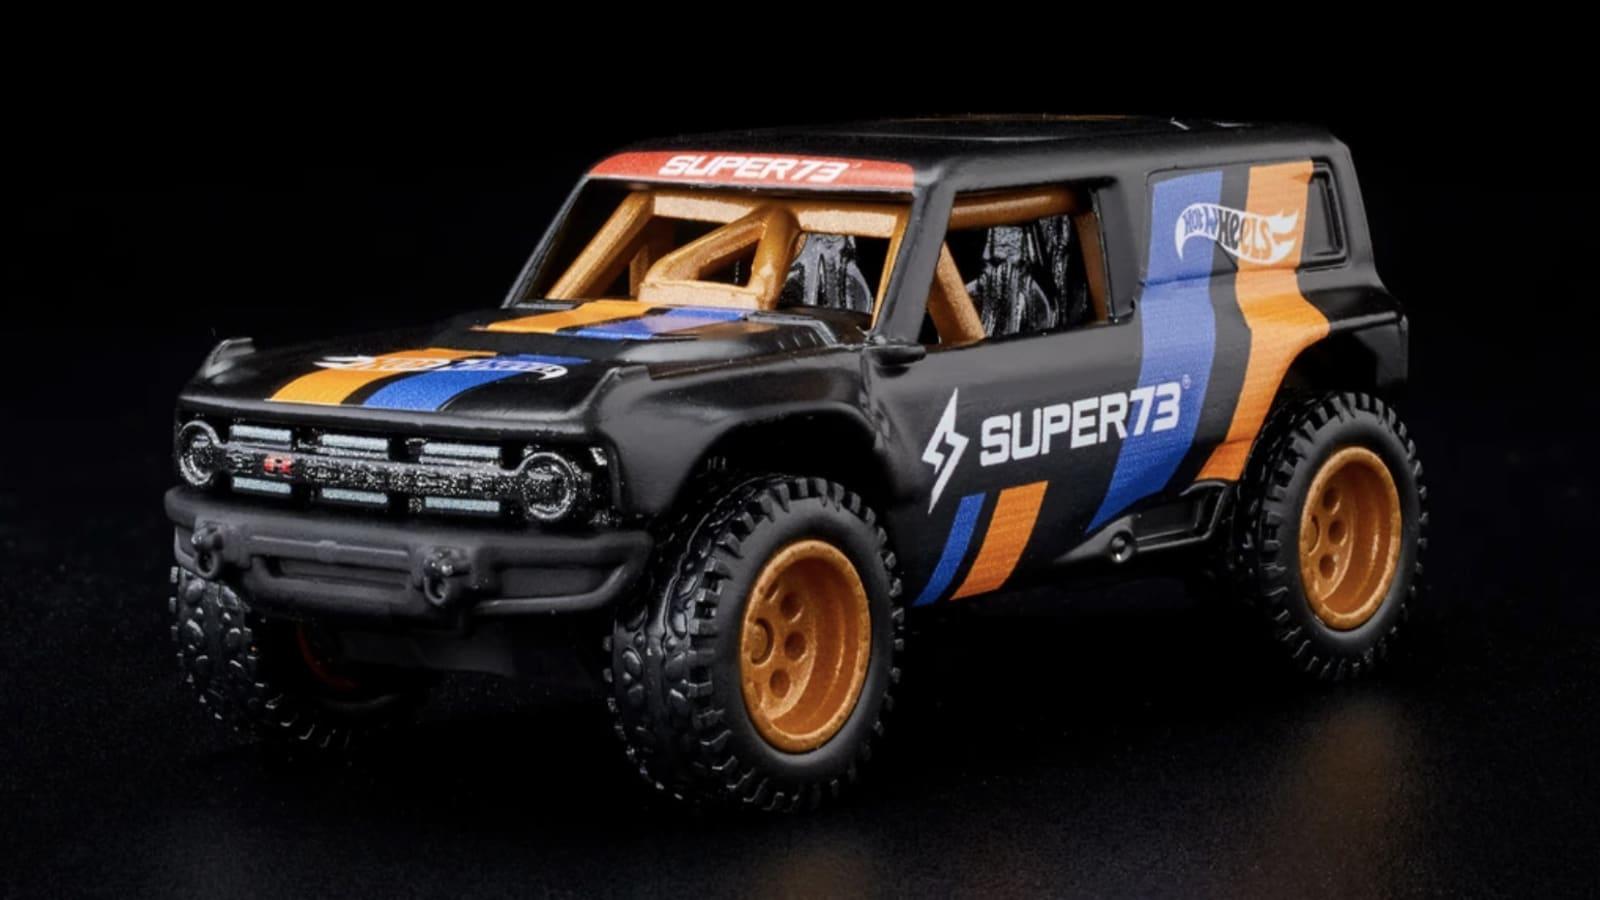 Hot Wheels arbeitet zusammen mit Super73 an einem süßen Elektrofahrrad